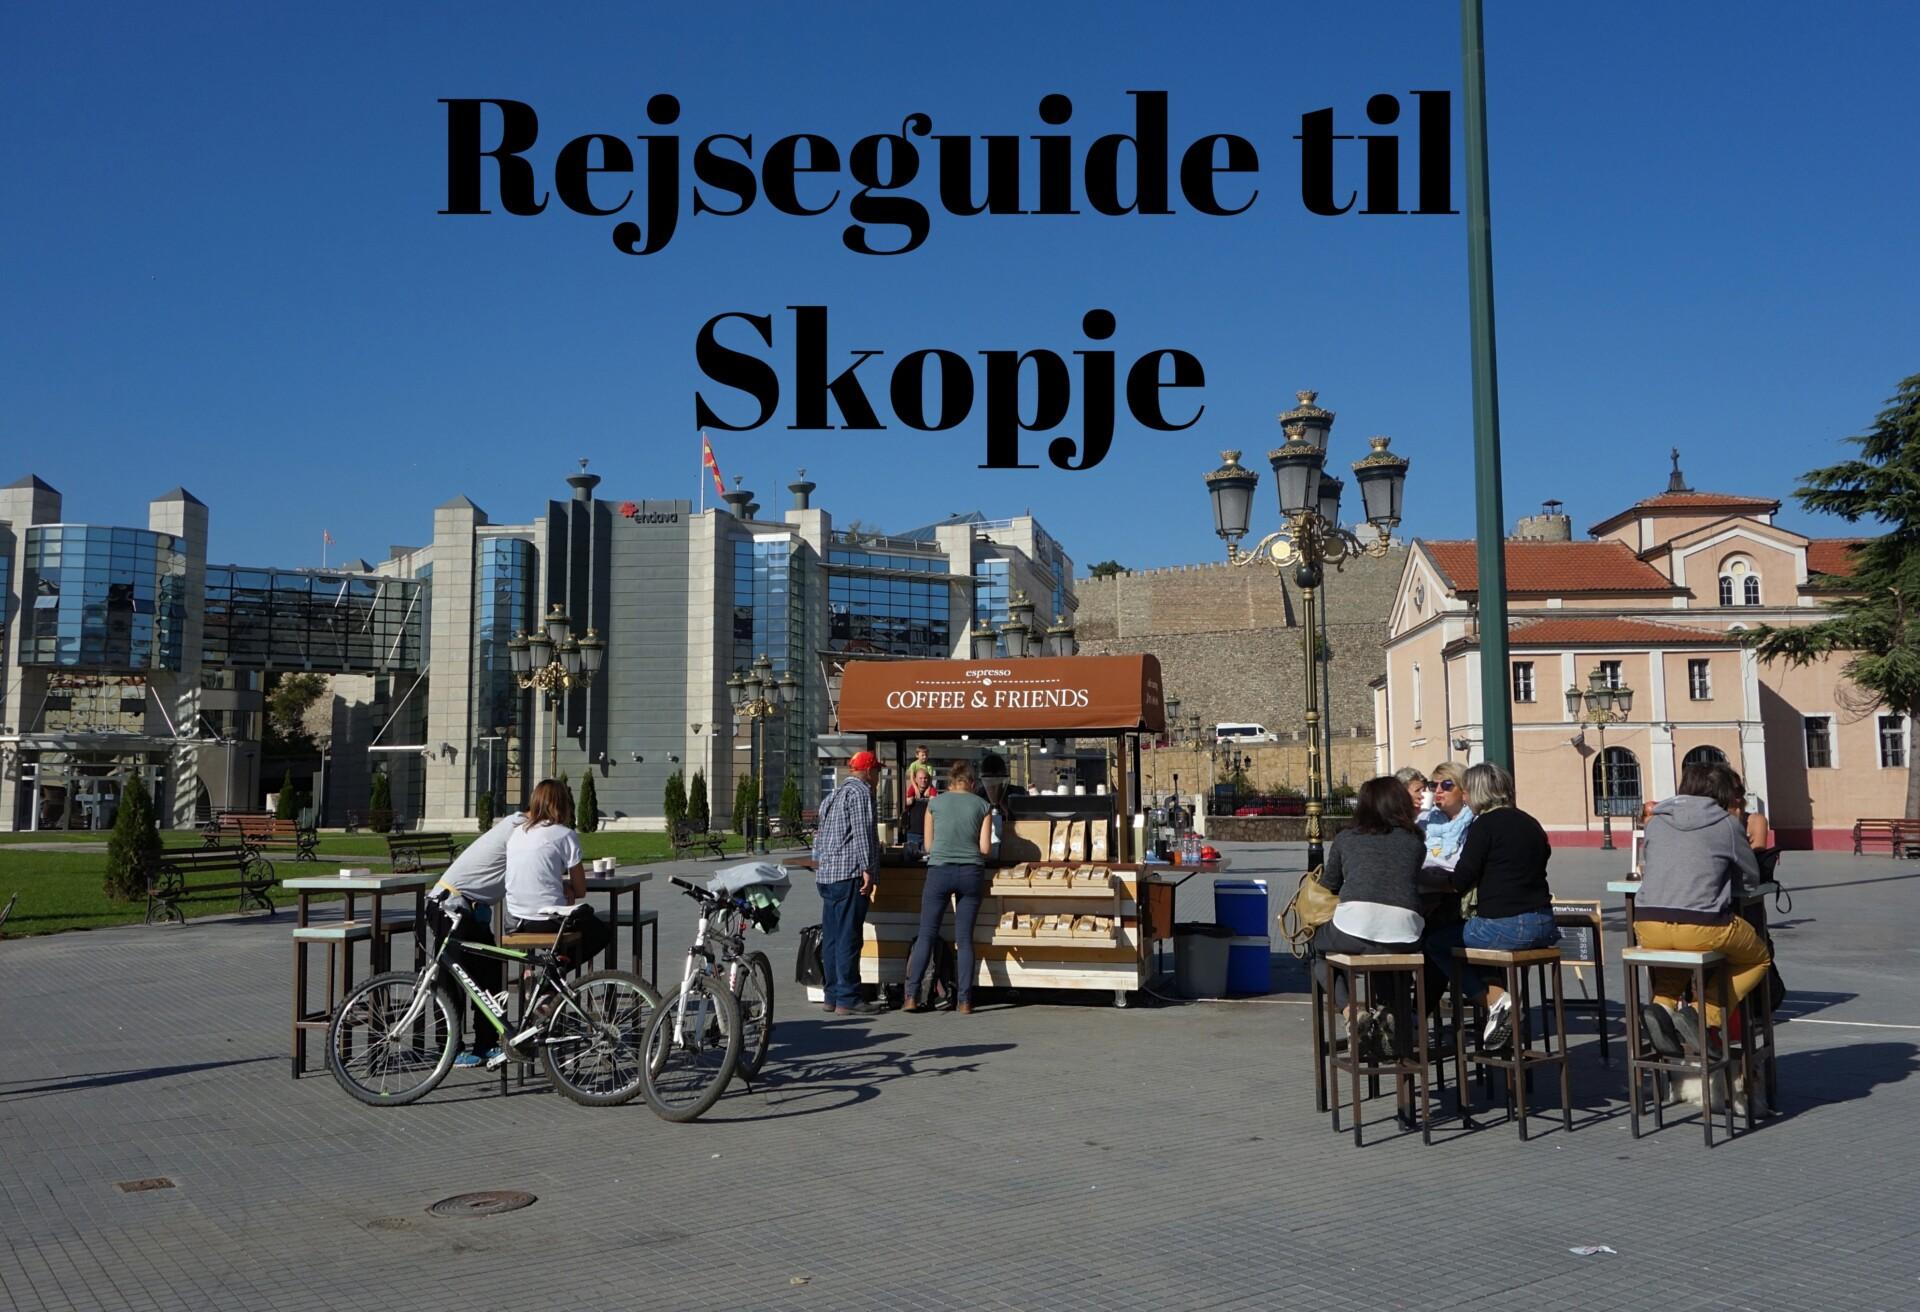 Rejseguide til Skopje – hovedstaden i Makedonien